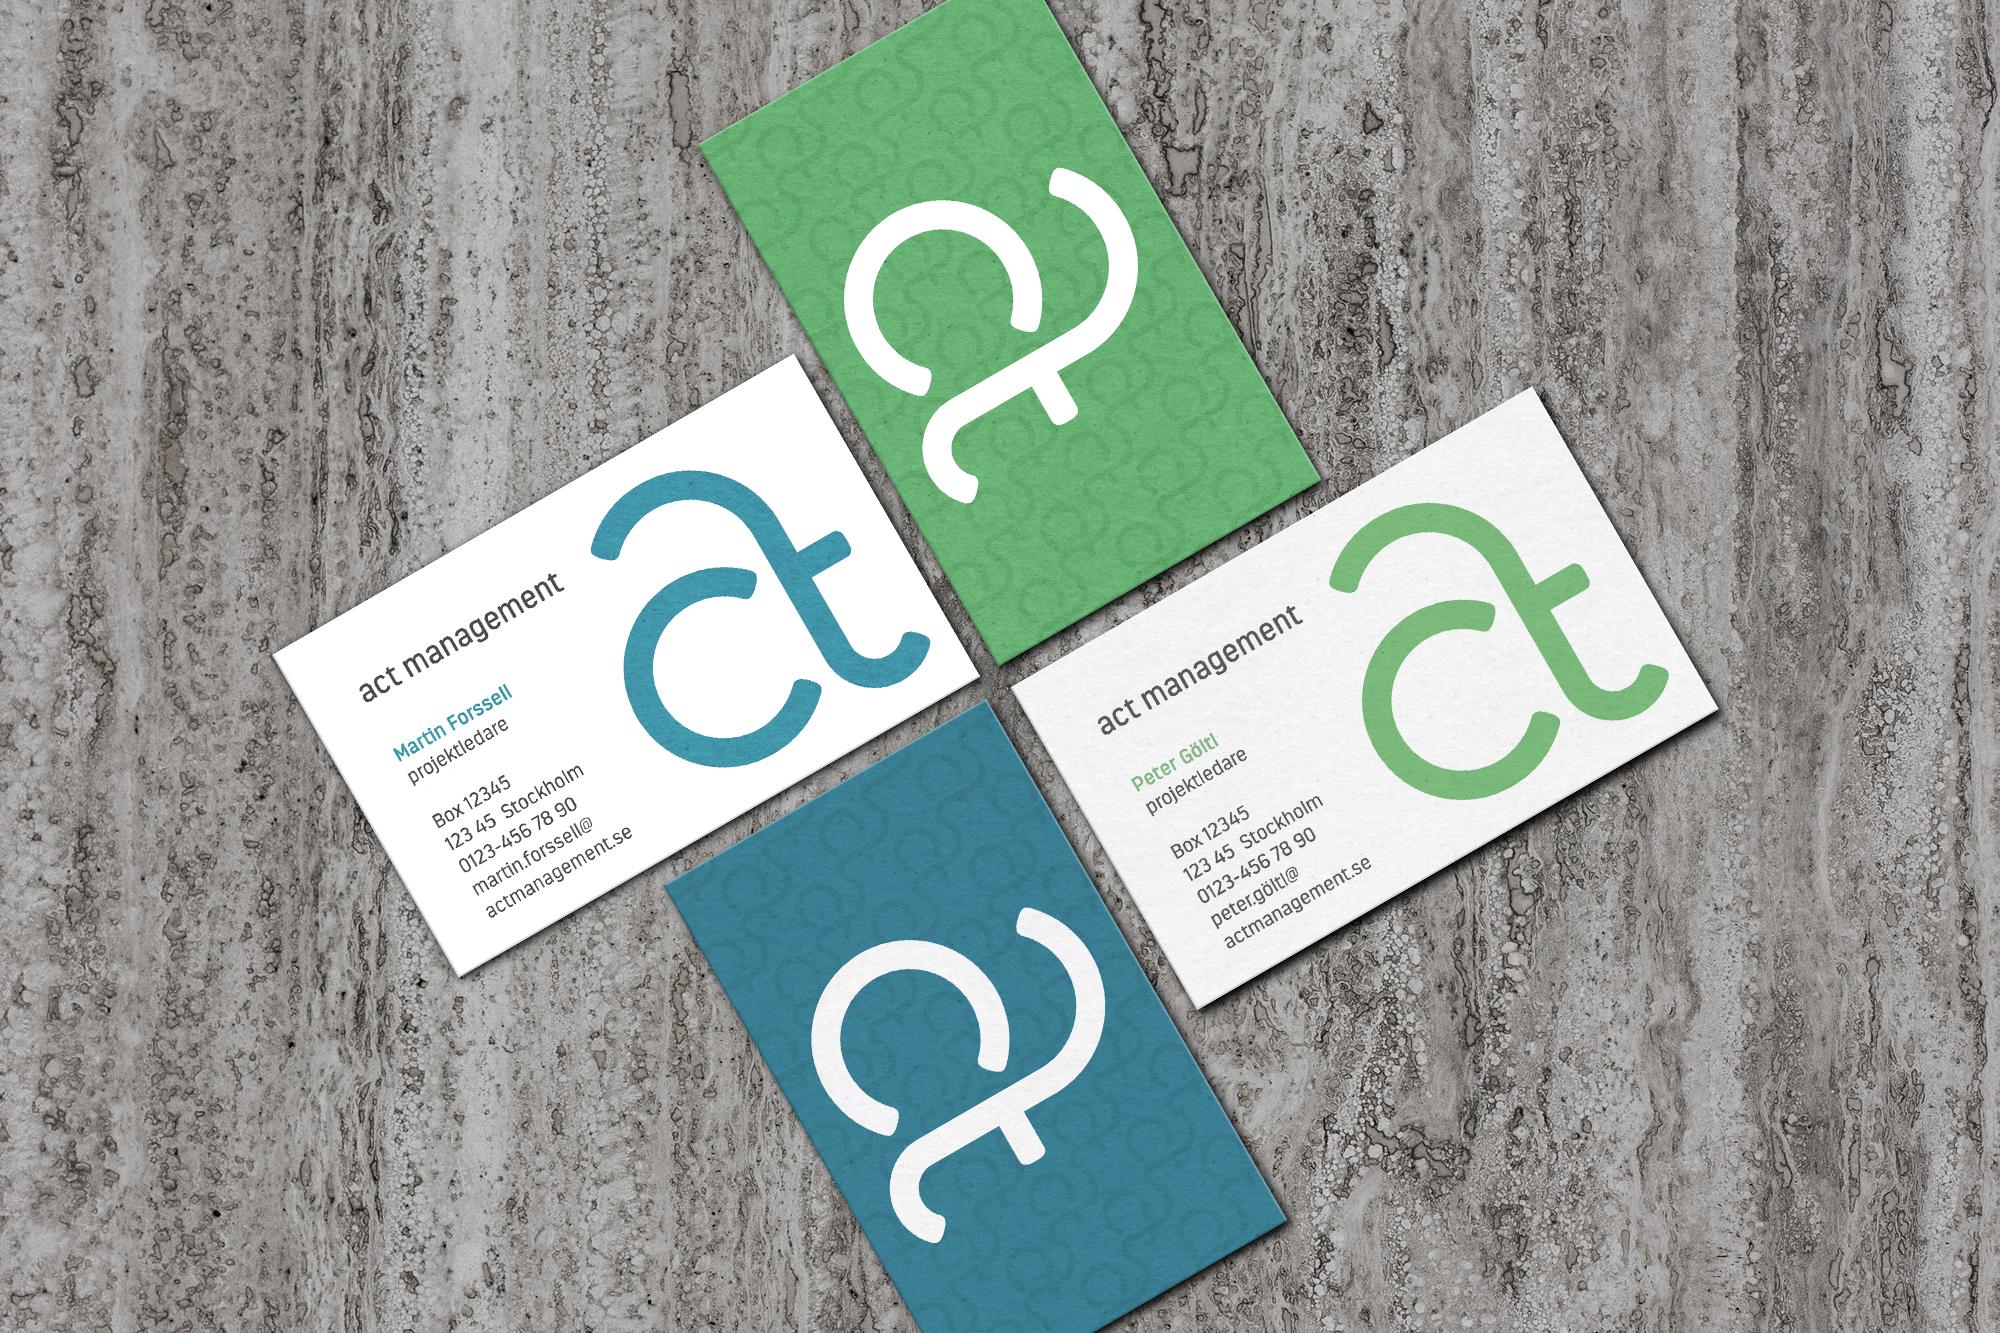 logotyp projekt bygg byggbranschen grafisk profil identitet designbyrå reklambyrå stockholm grafisk formgivning design